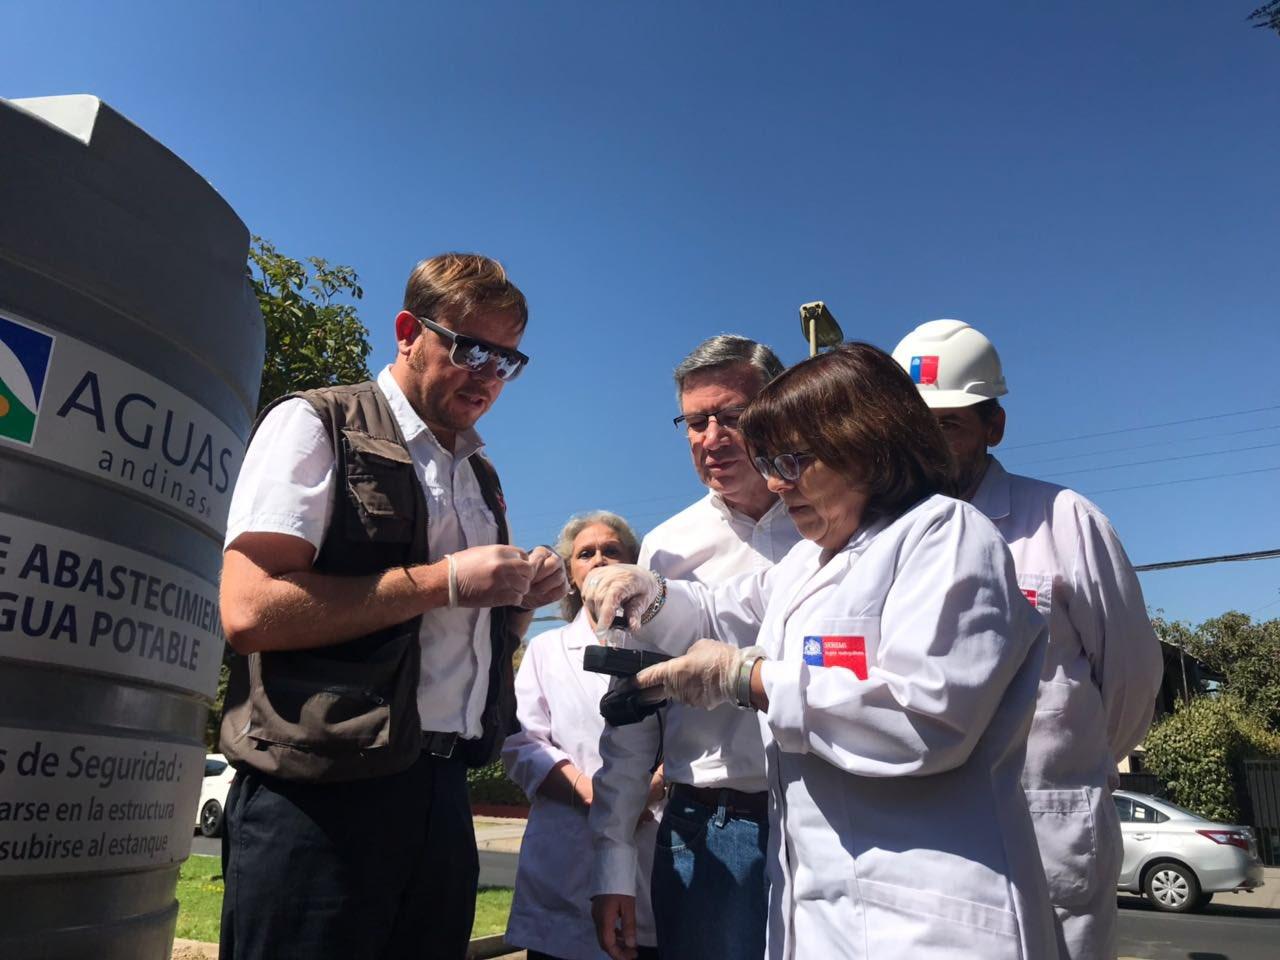 Seremi de Salud abrió sumario por malos olores en suministro de Aguas Andinas https://t.co/XbpBWEEVOZ https://t.co/OrWUHaqVys